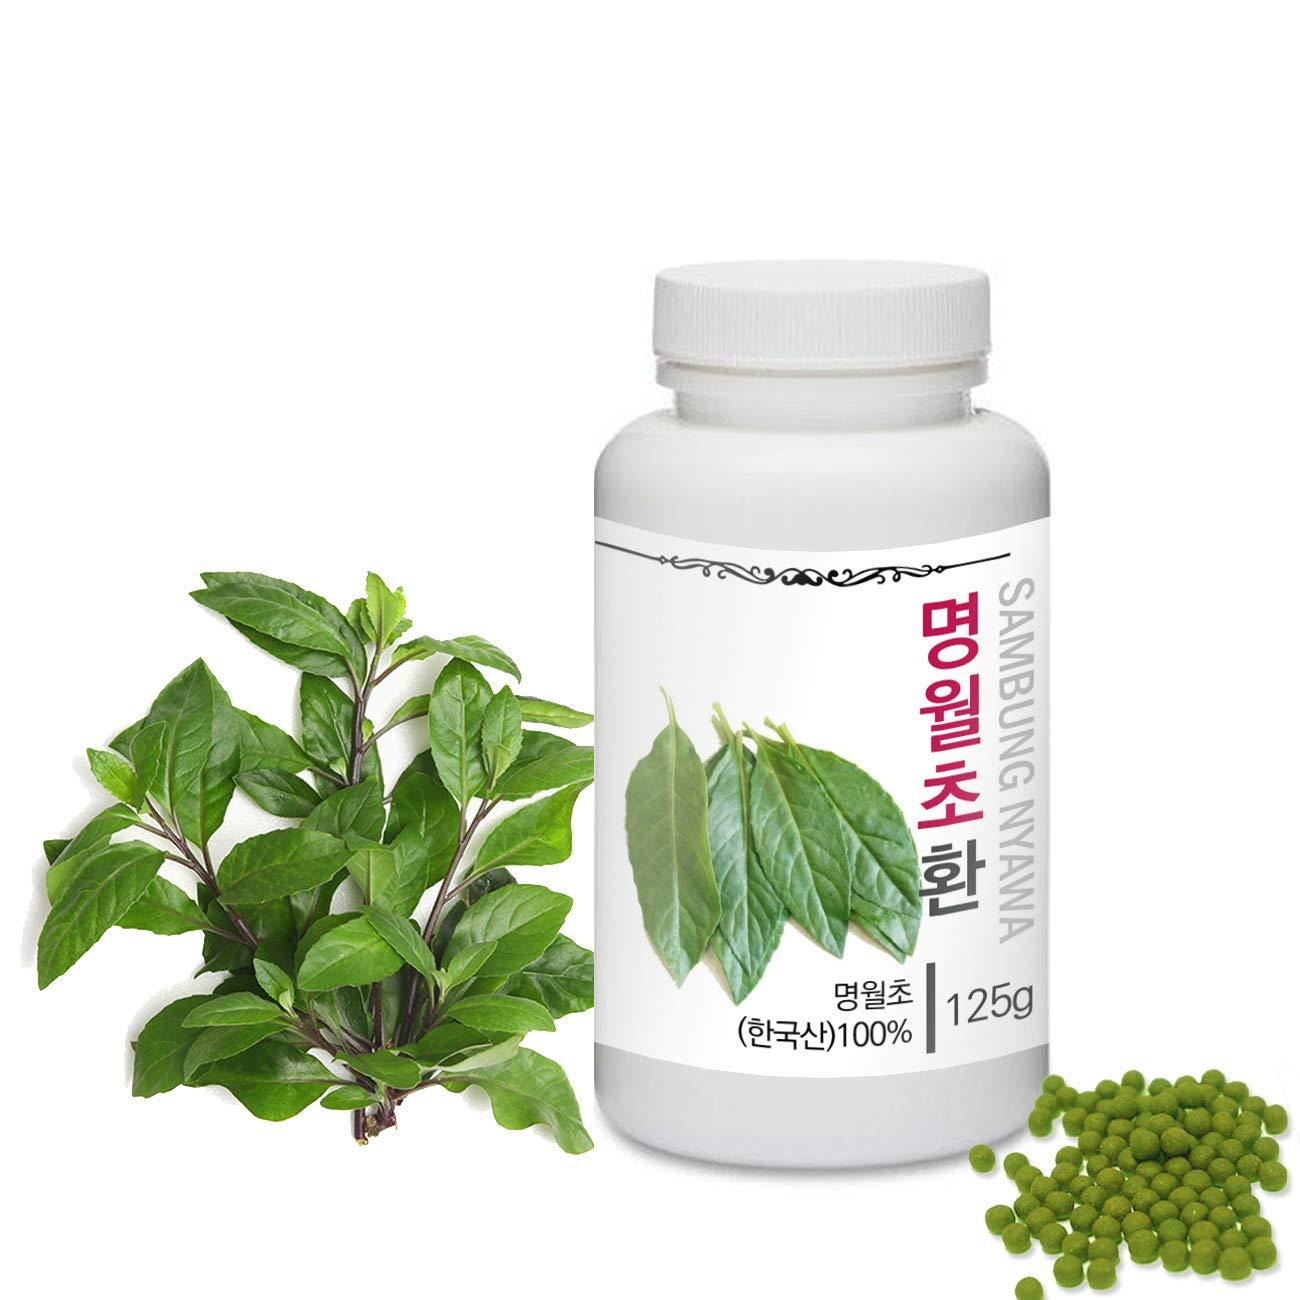 [Medicinal Korean Herbal Pills] Prince Natural Sambung Nyawa Pills/프린스 명월초환 (Sambung Nyawa/명월초) by Prince Herb